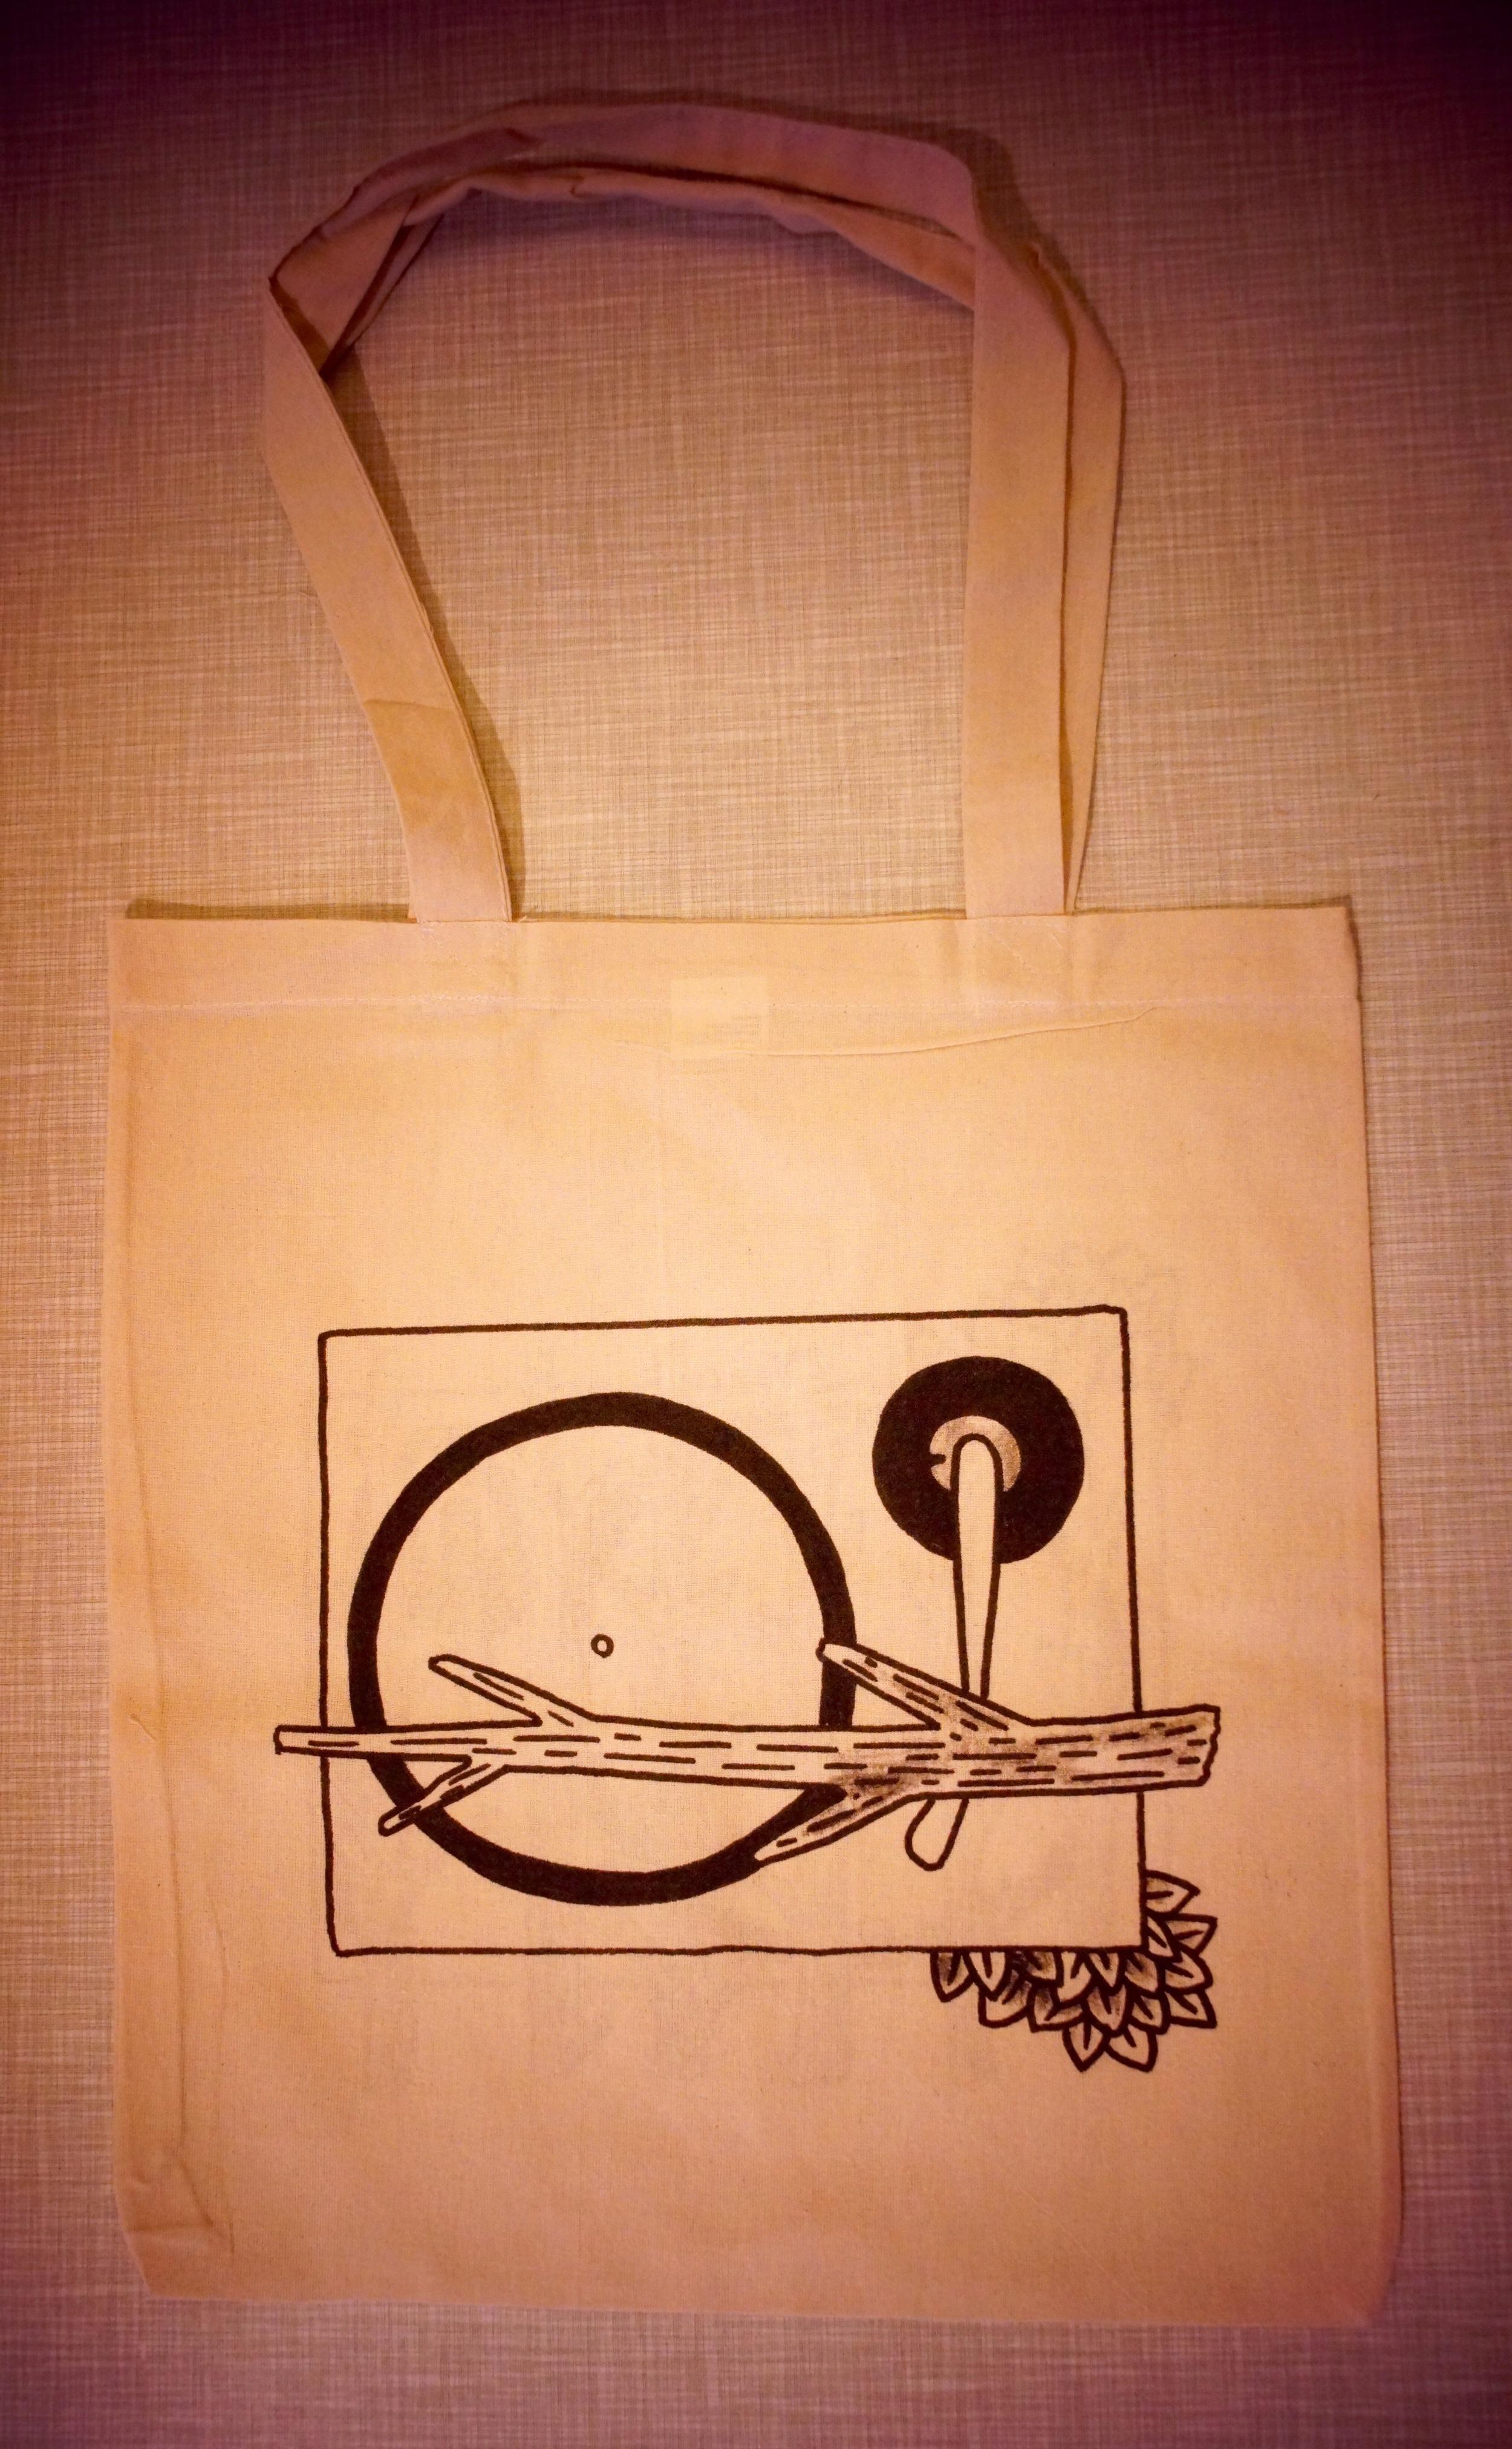 Perfect Vinyl bag.